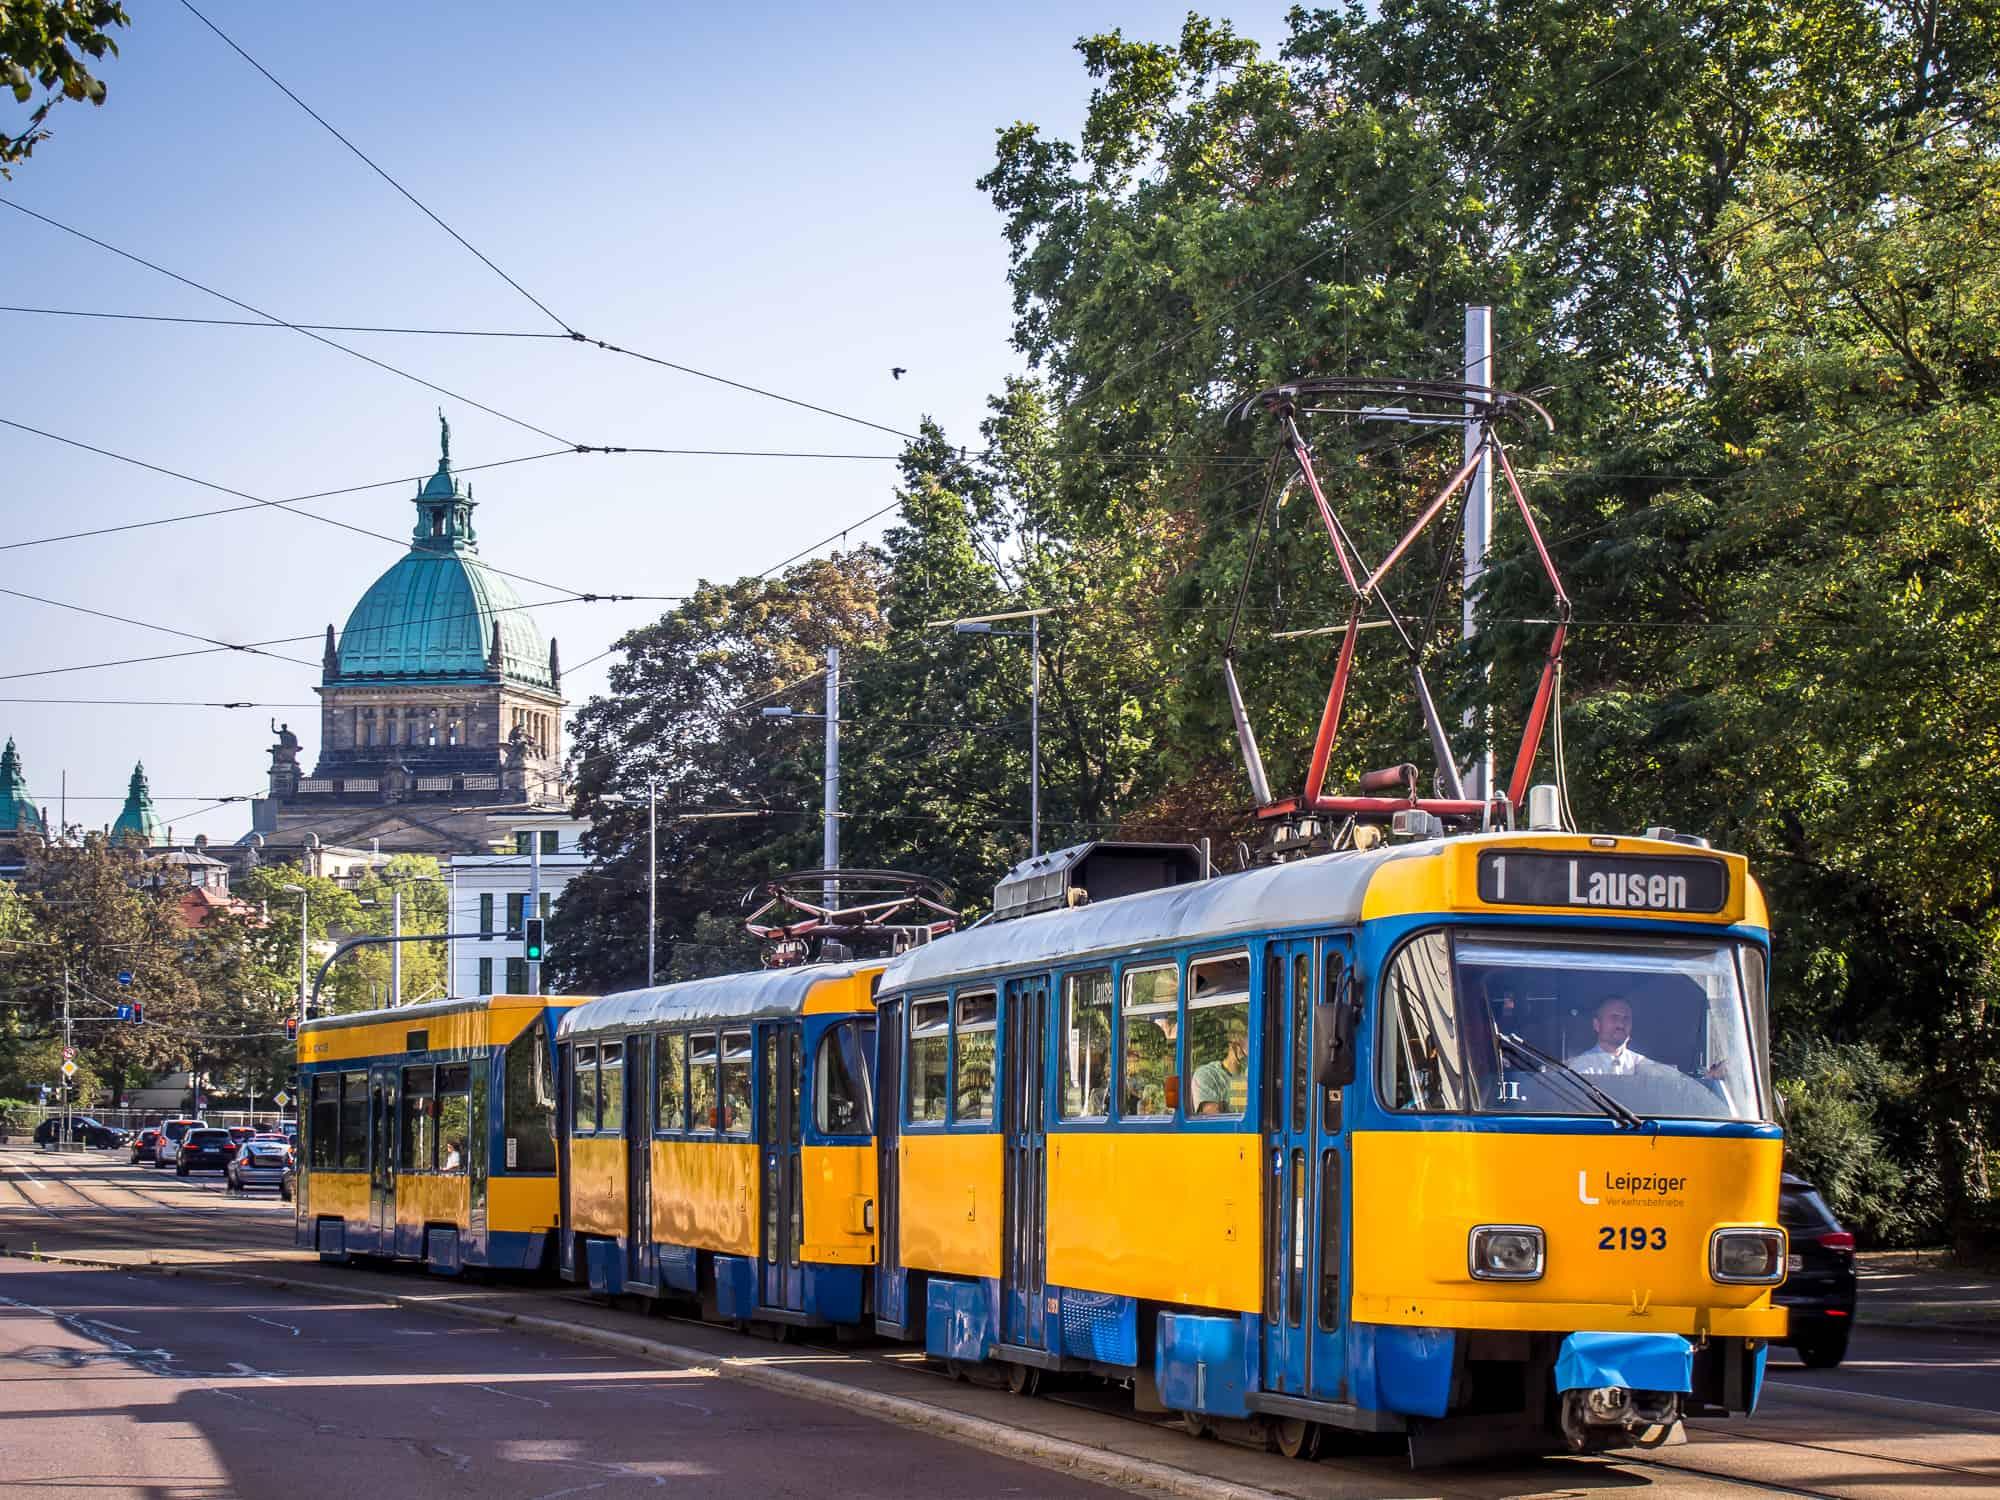 Tatra Leipzig Tram - Leipzig Free Tours